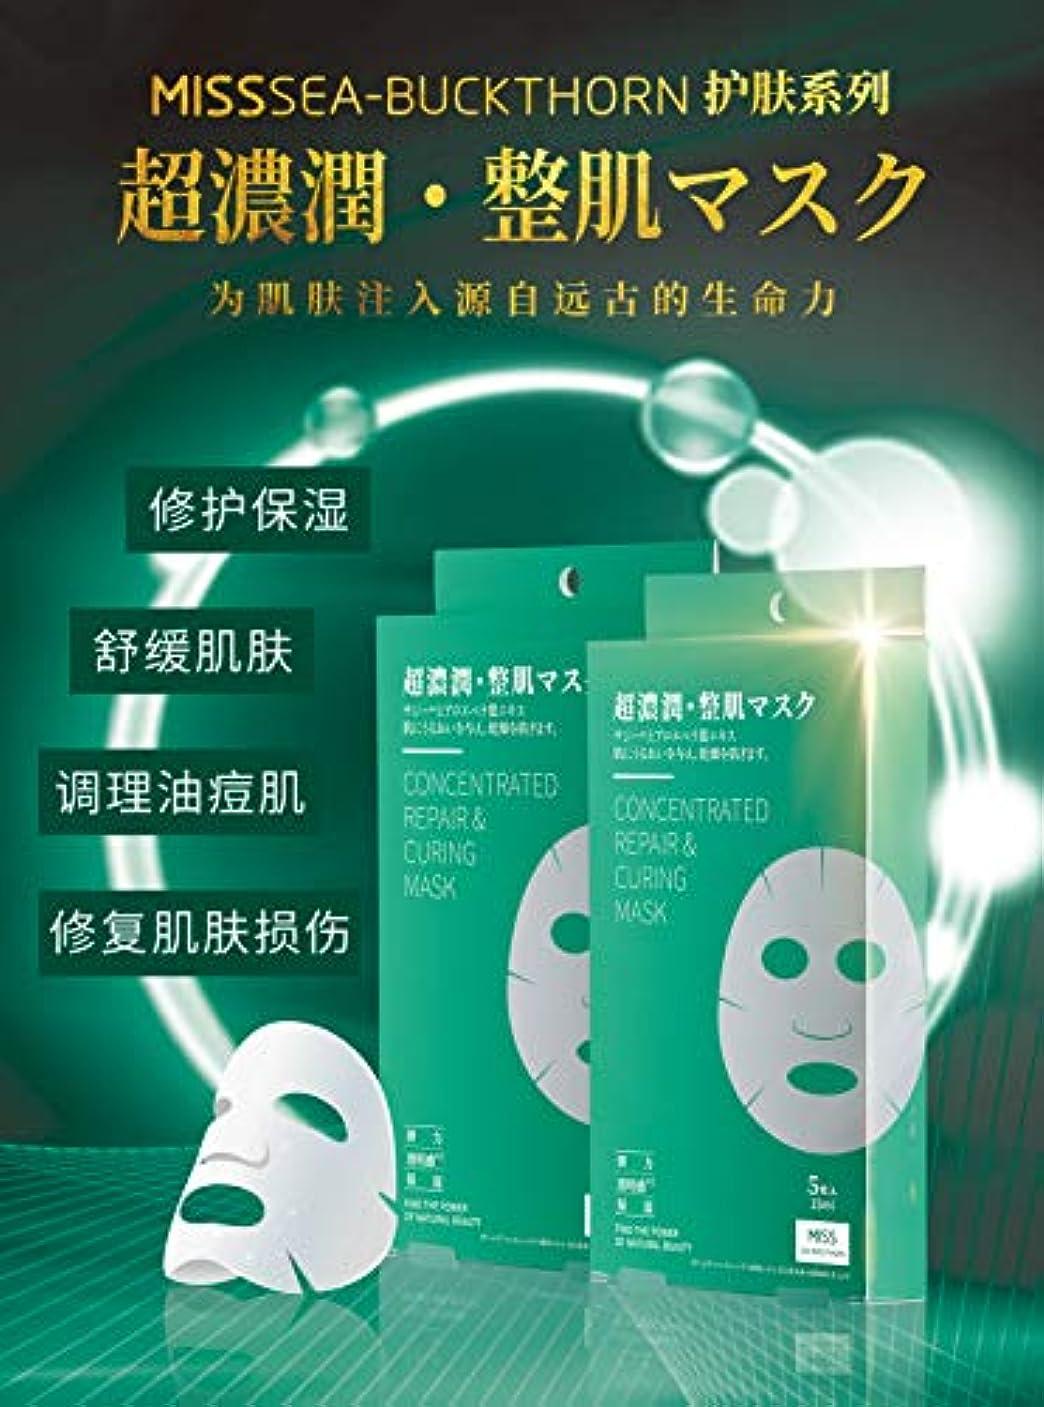 サミットスキッパー条件付き超濃潤?整肌マスク 25ml×5枚入 (green)